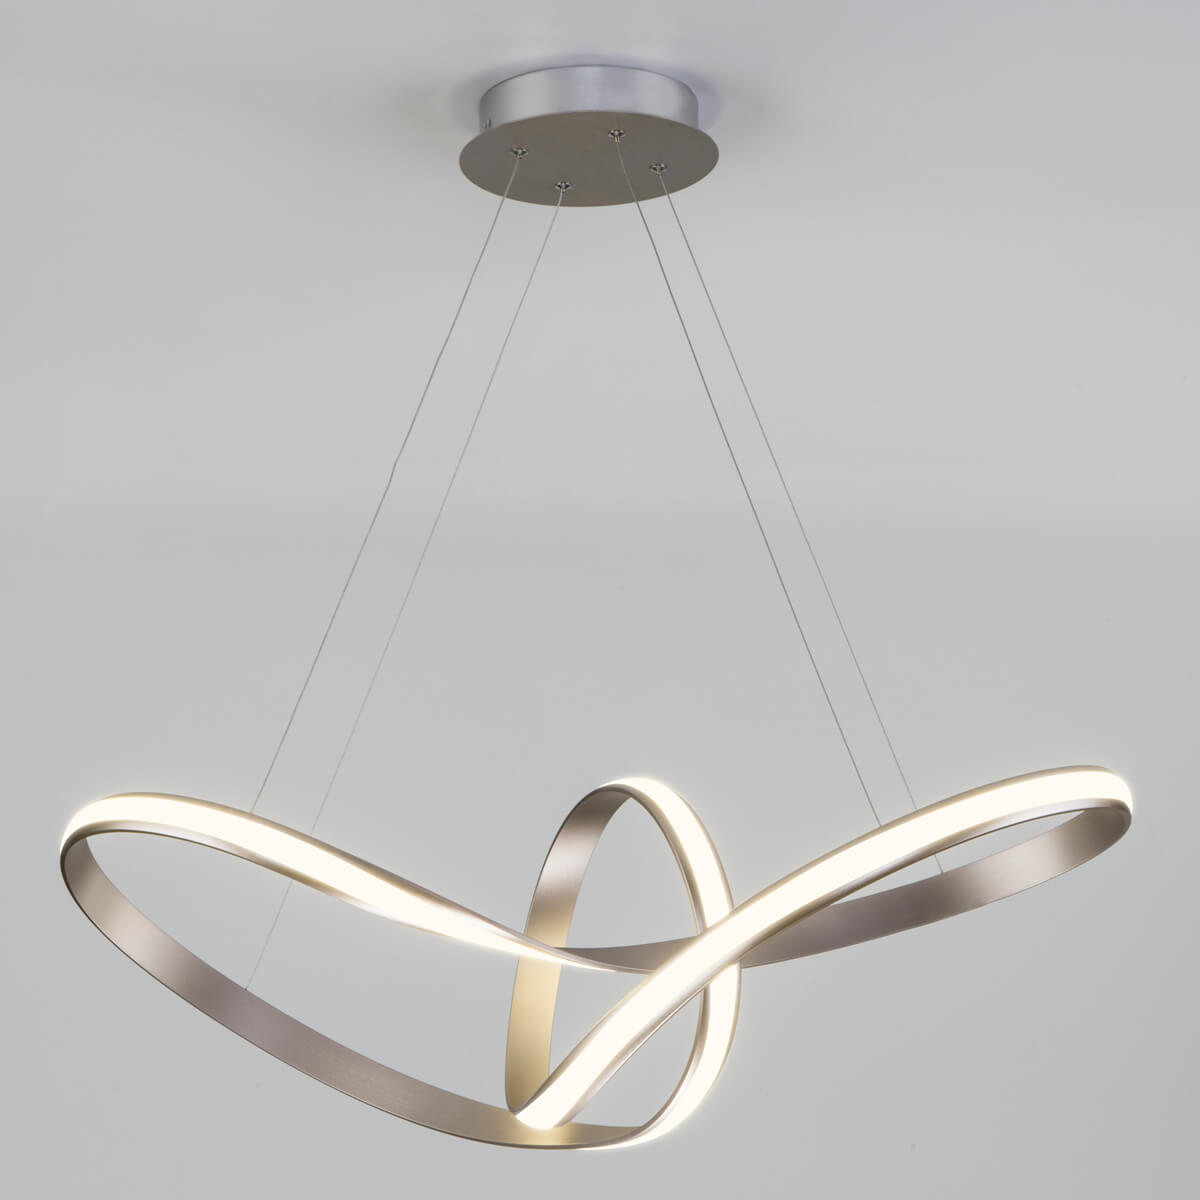 Светильник Eurosvet 90174/1 сатин-никель Kink